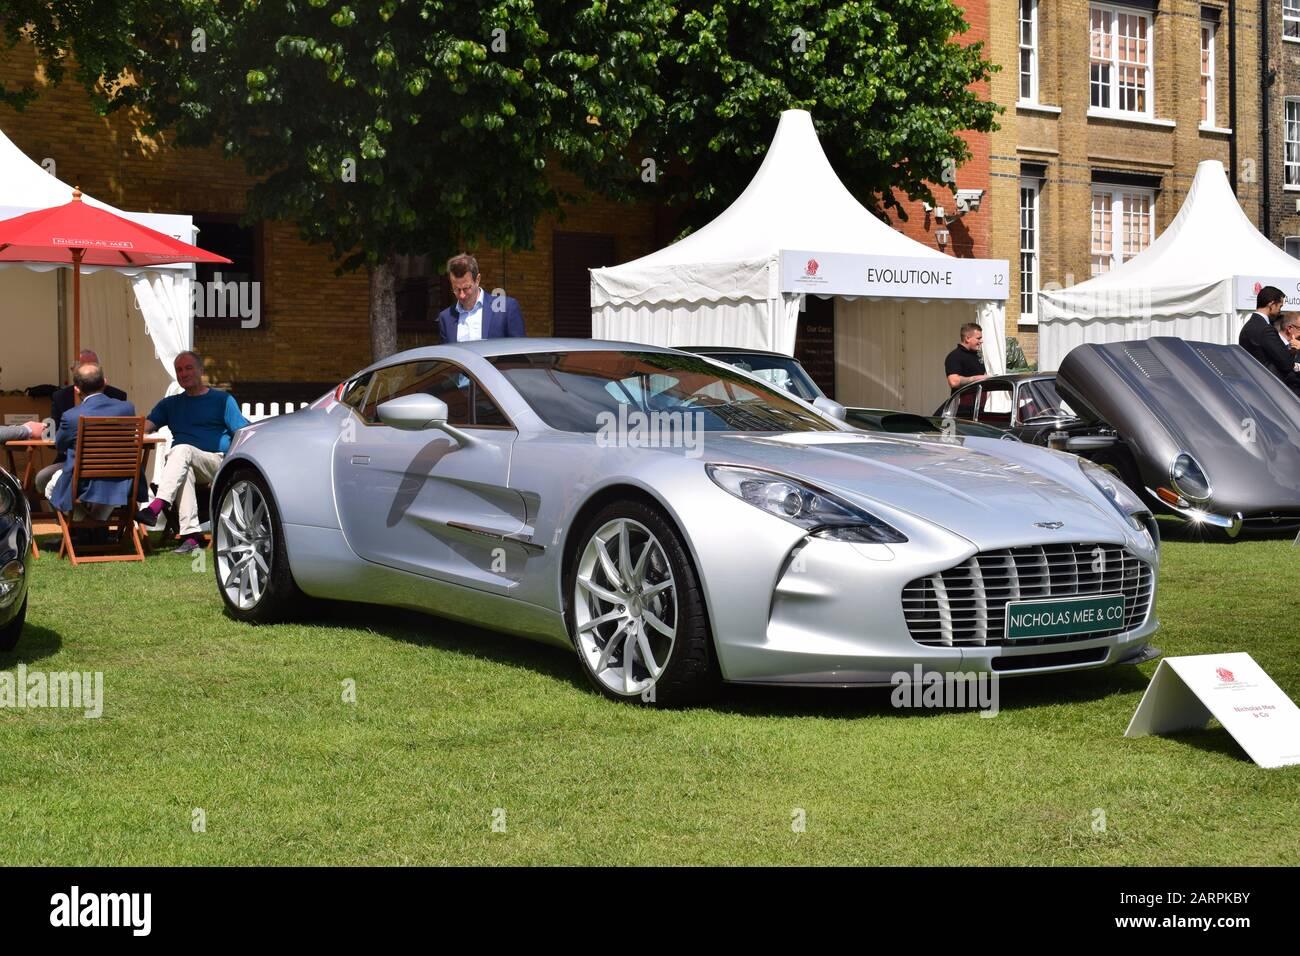 Aston Martin One 77 Stock Photo Alamy